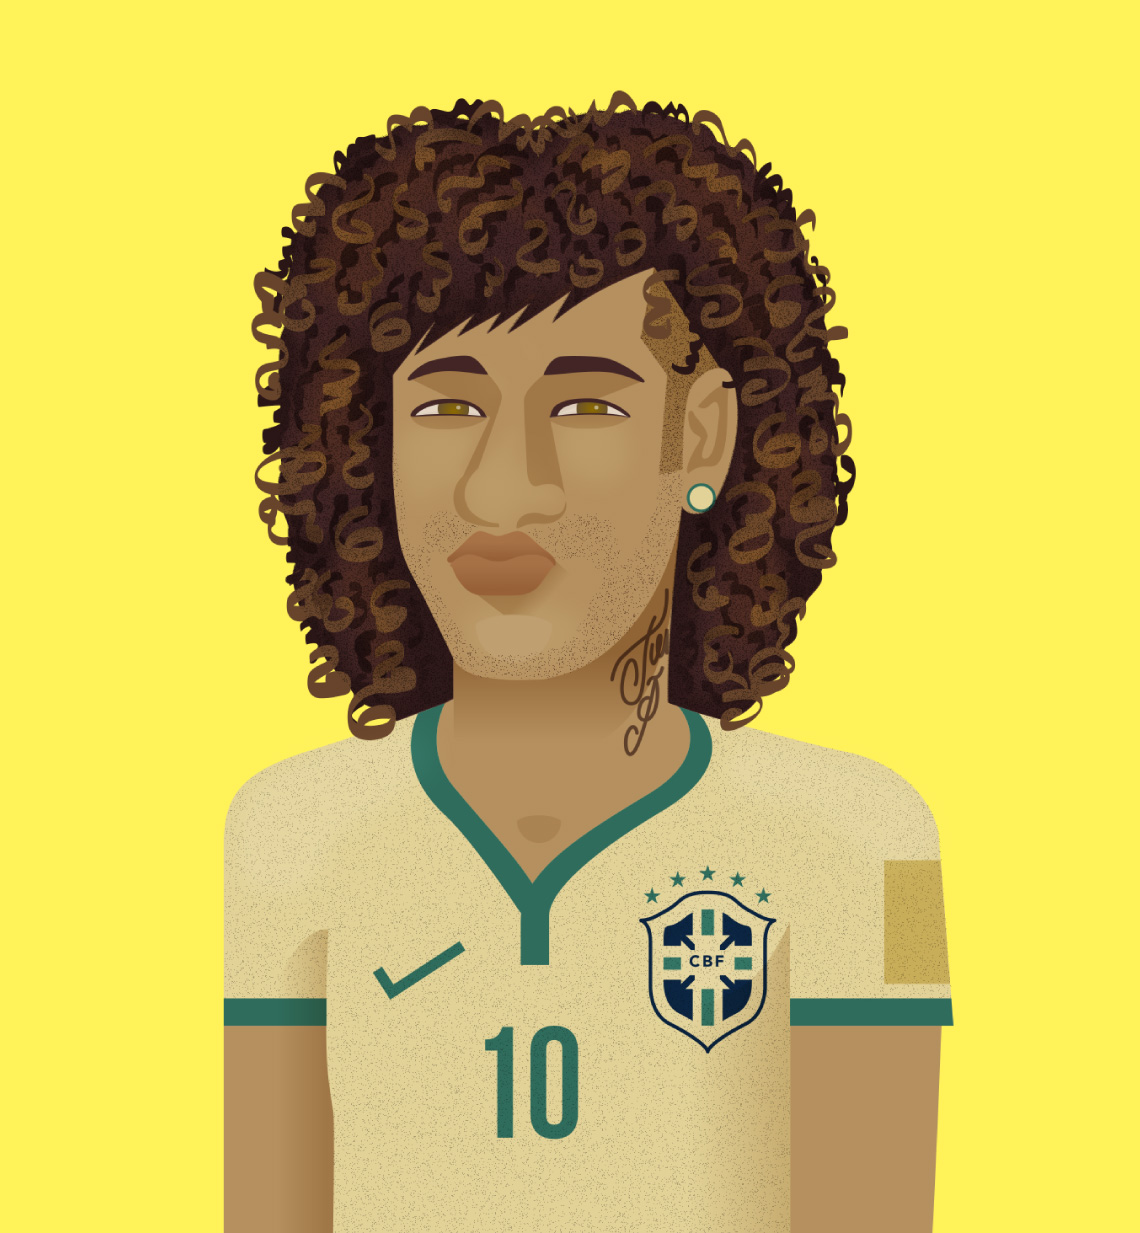 ilustración de fusión entre Neymar y David Luiz